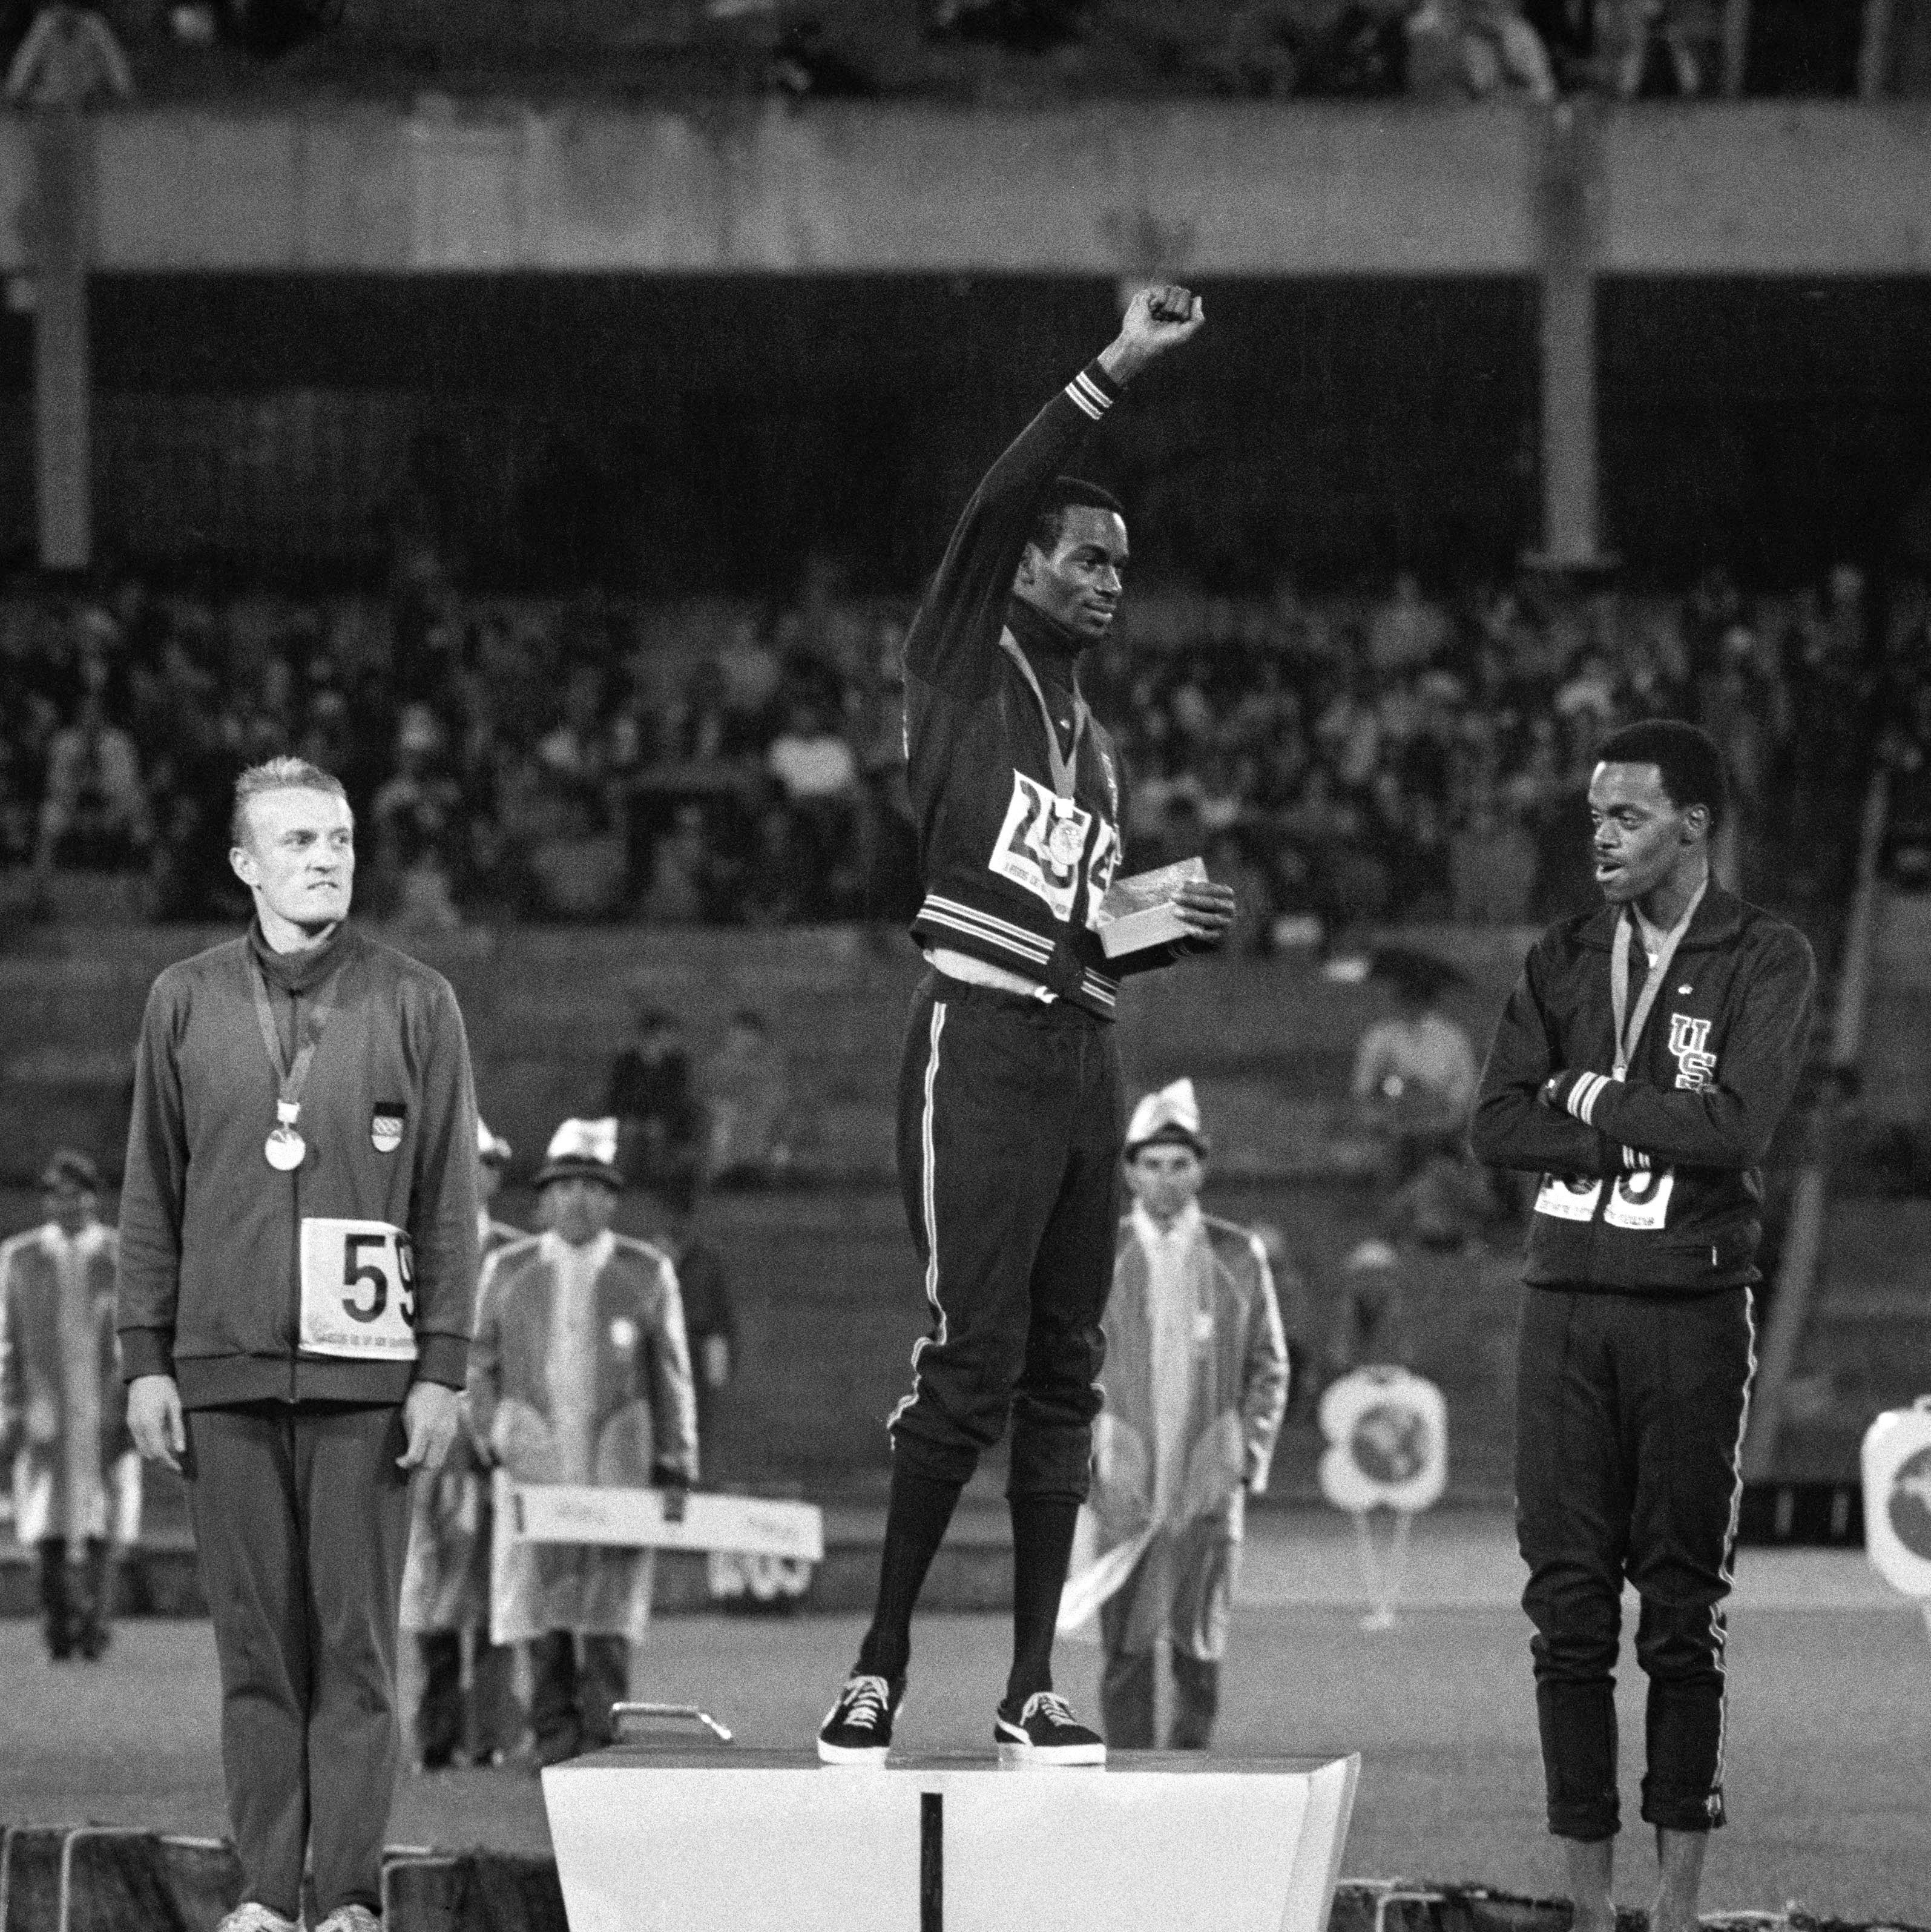 Olimpijske igre - Page 6 PAR111191_29019357